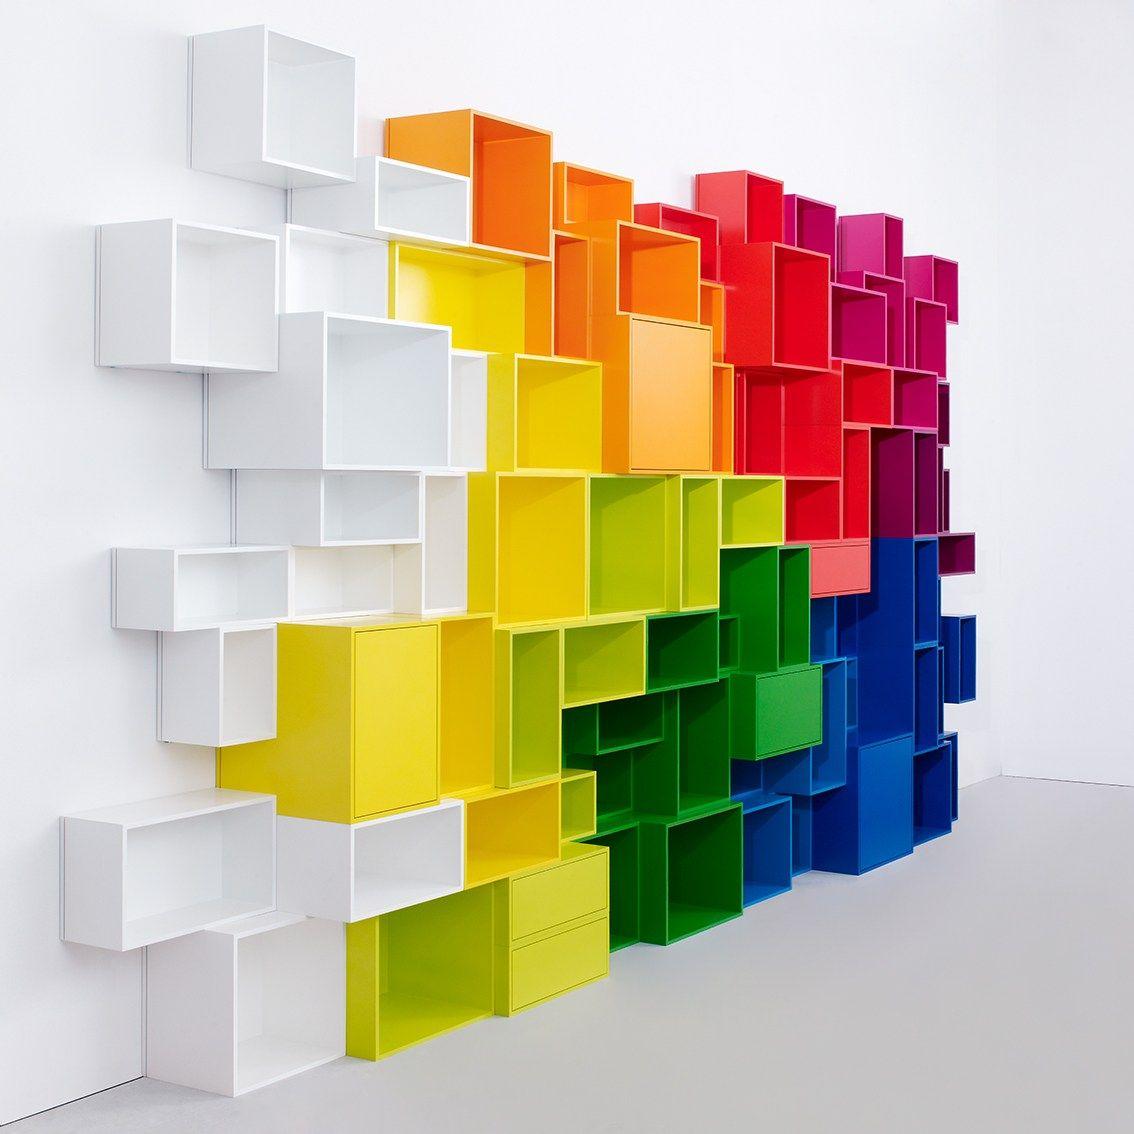 Mueble modular de pared composable modular de MDF Mueble modular de ...